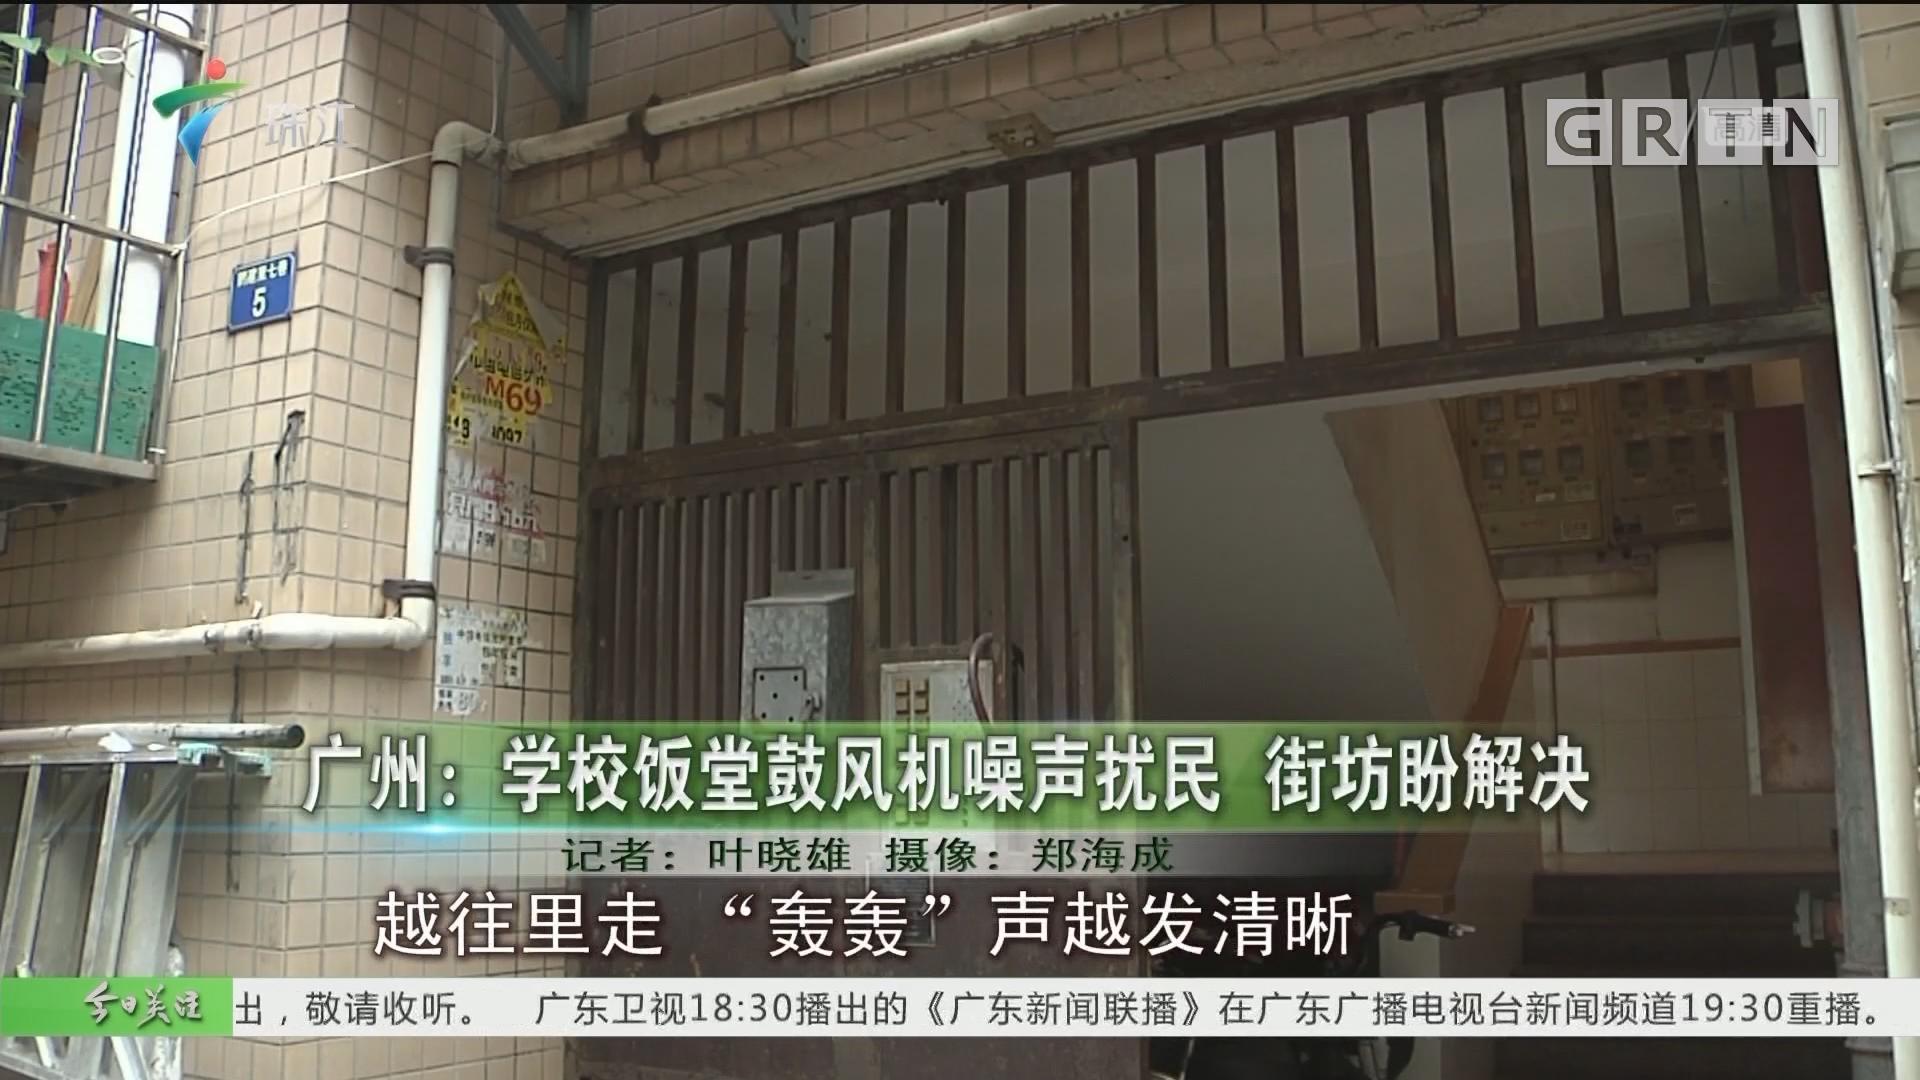 广州:学校饭堂鼓风机噪声扰民 街坊盼解决